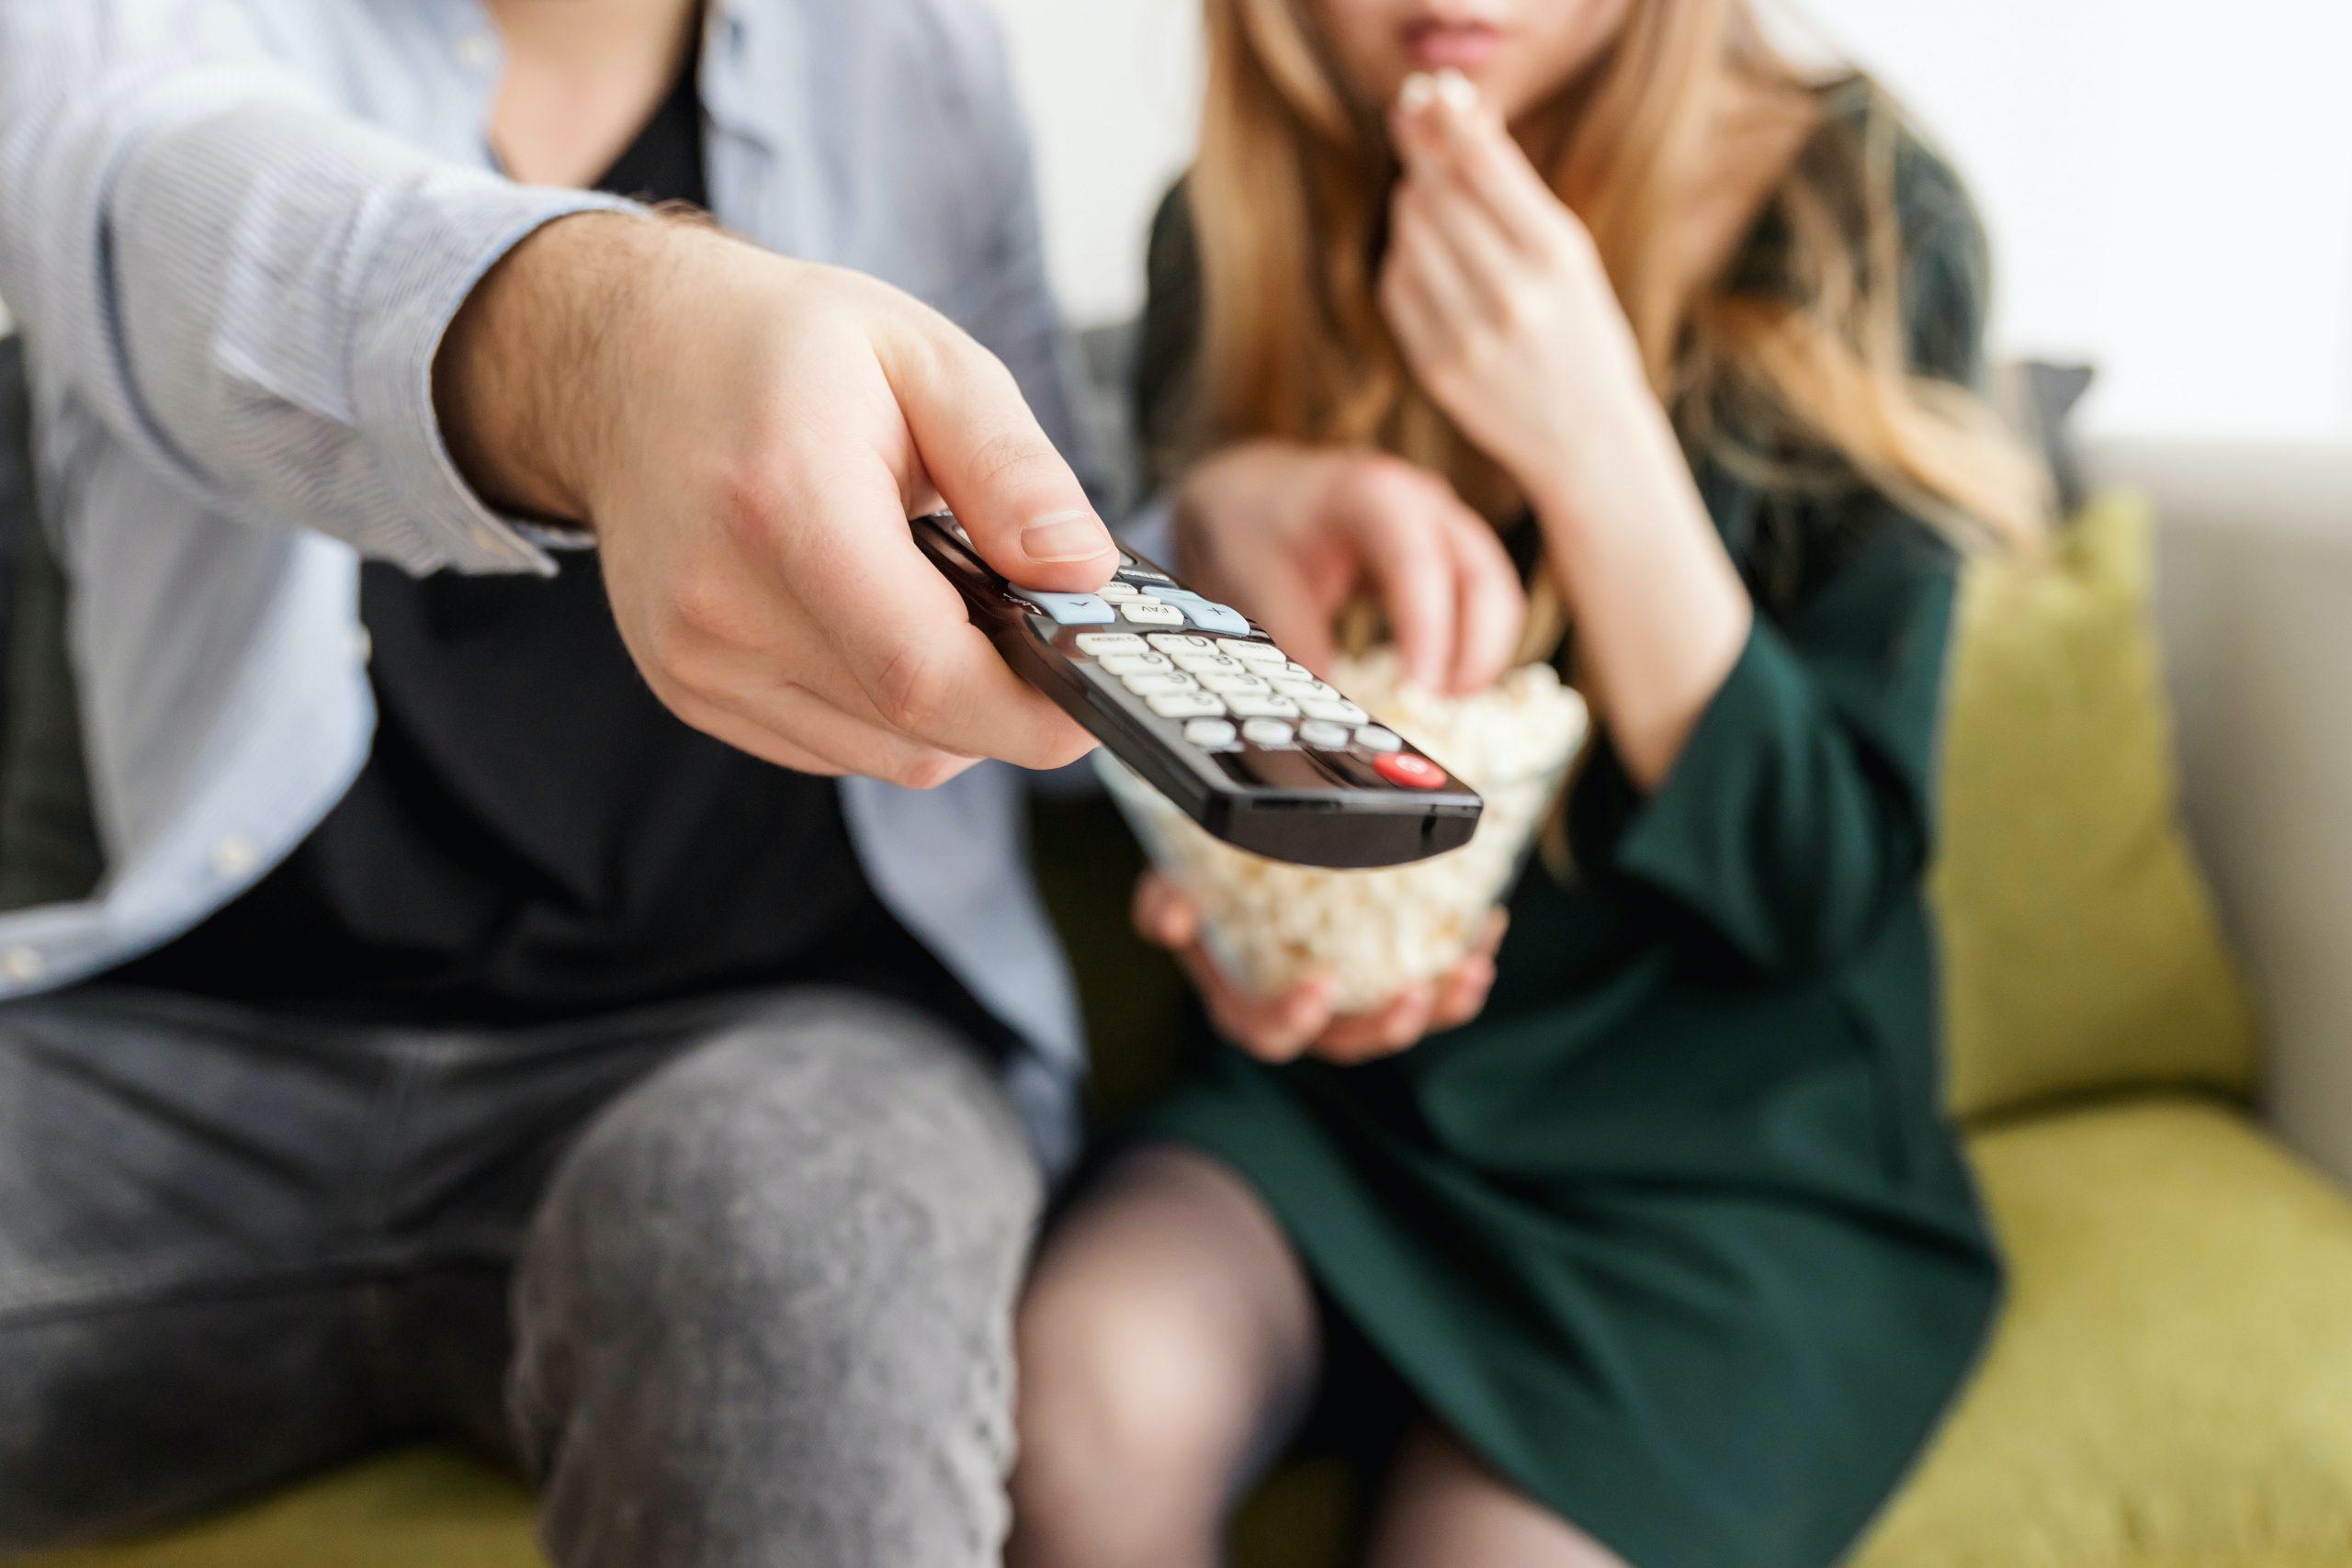 televisión-por-cable-más-barata-para-bajos-ingresos -families